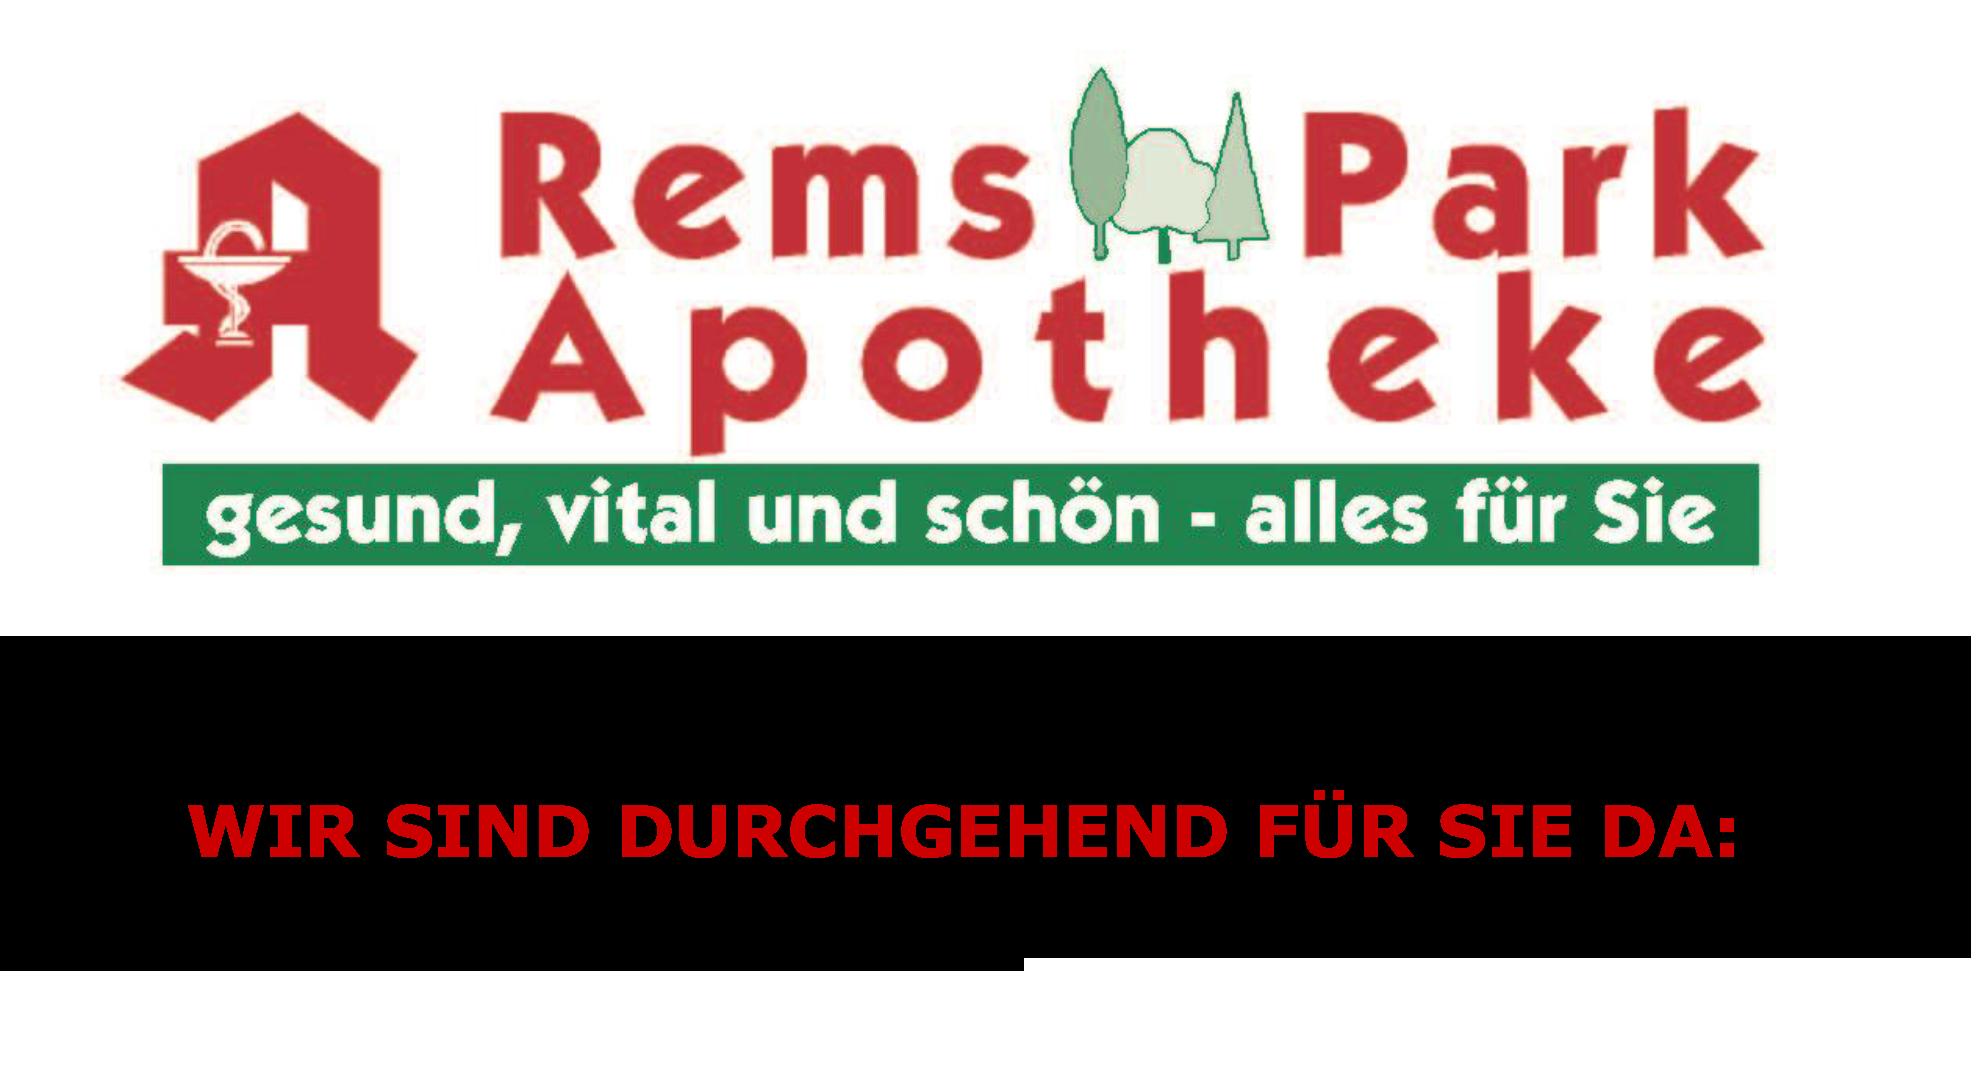 Logo der Remspark-Apotheke Waiblingen